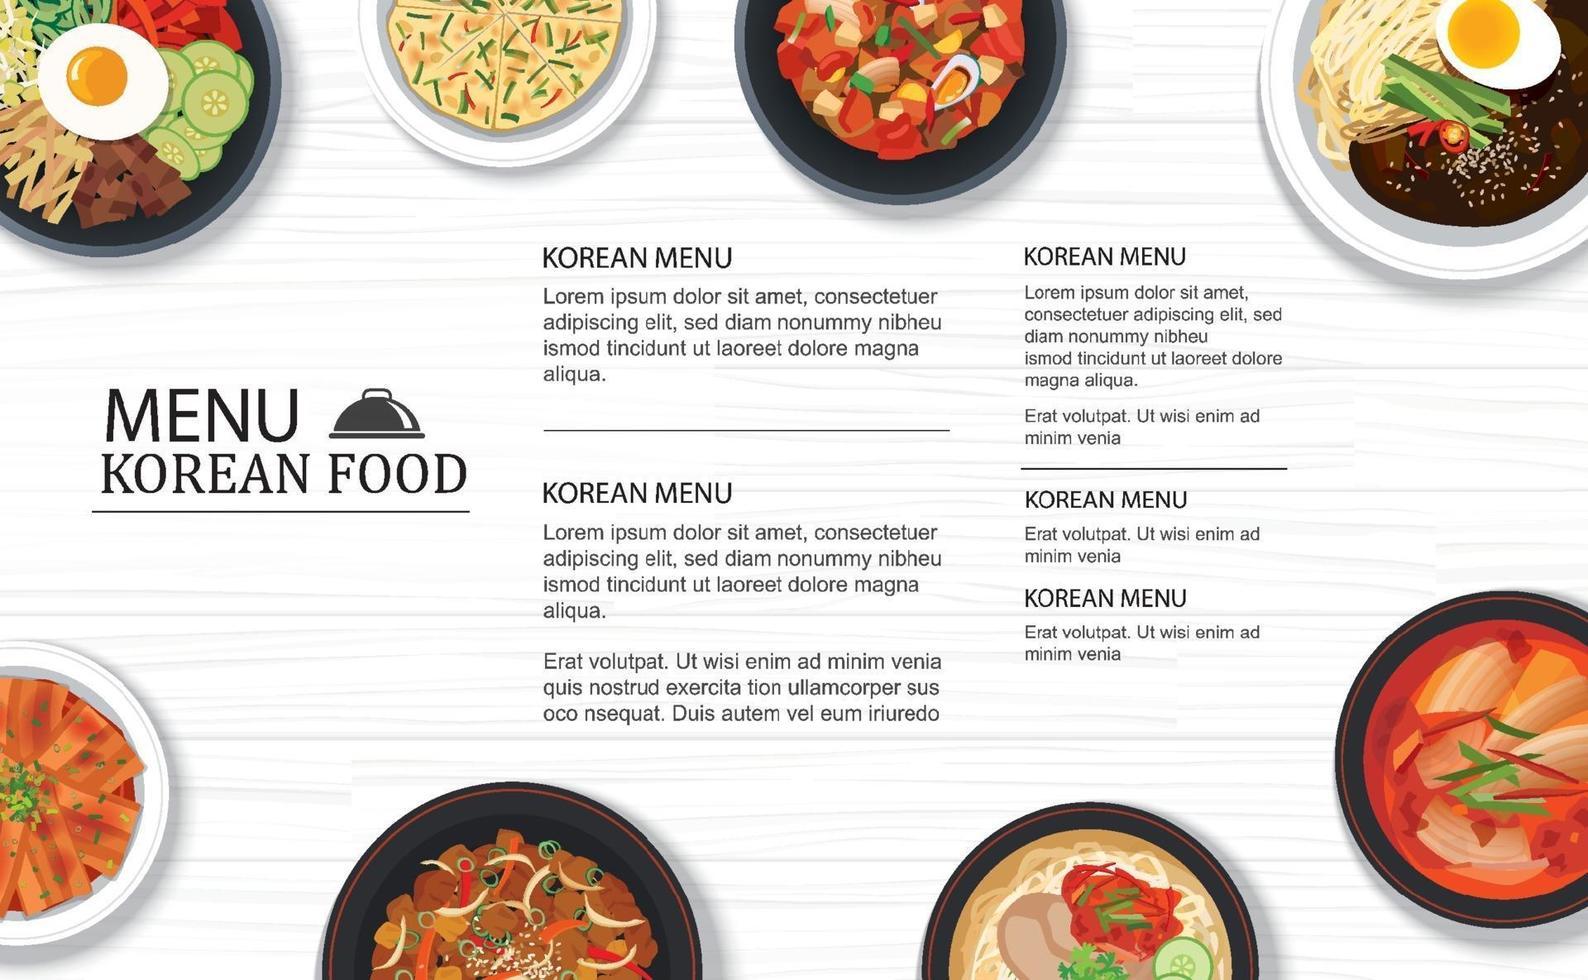 ristorante menu cibo coreano su uno sfondo di modello di piano d'appoggio in legno bianco. utilizzare per poster, stampa, flyer, brochure. vettore